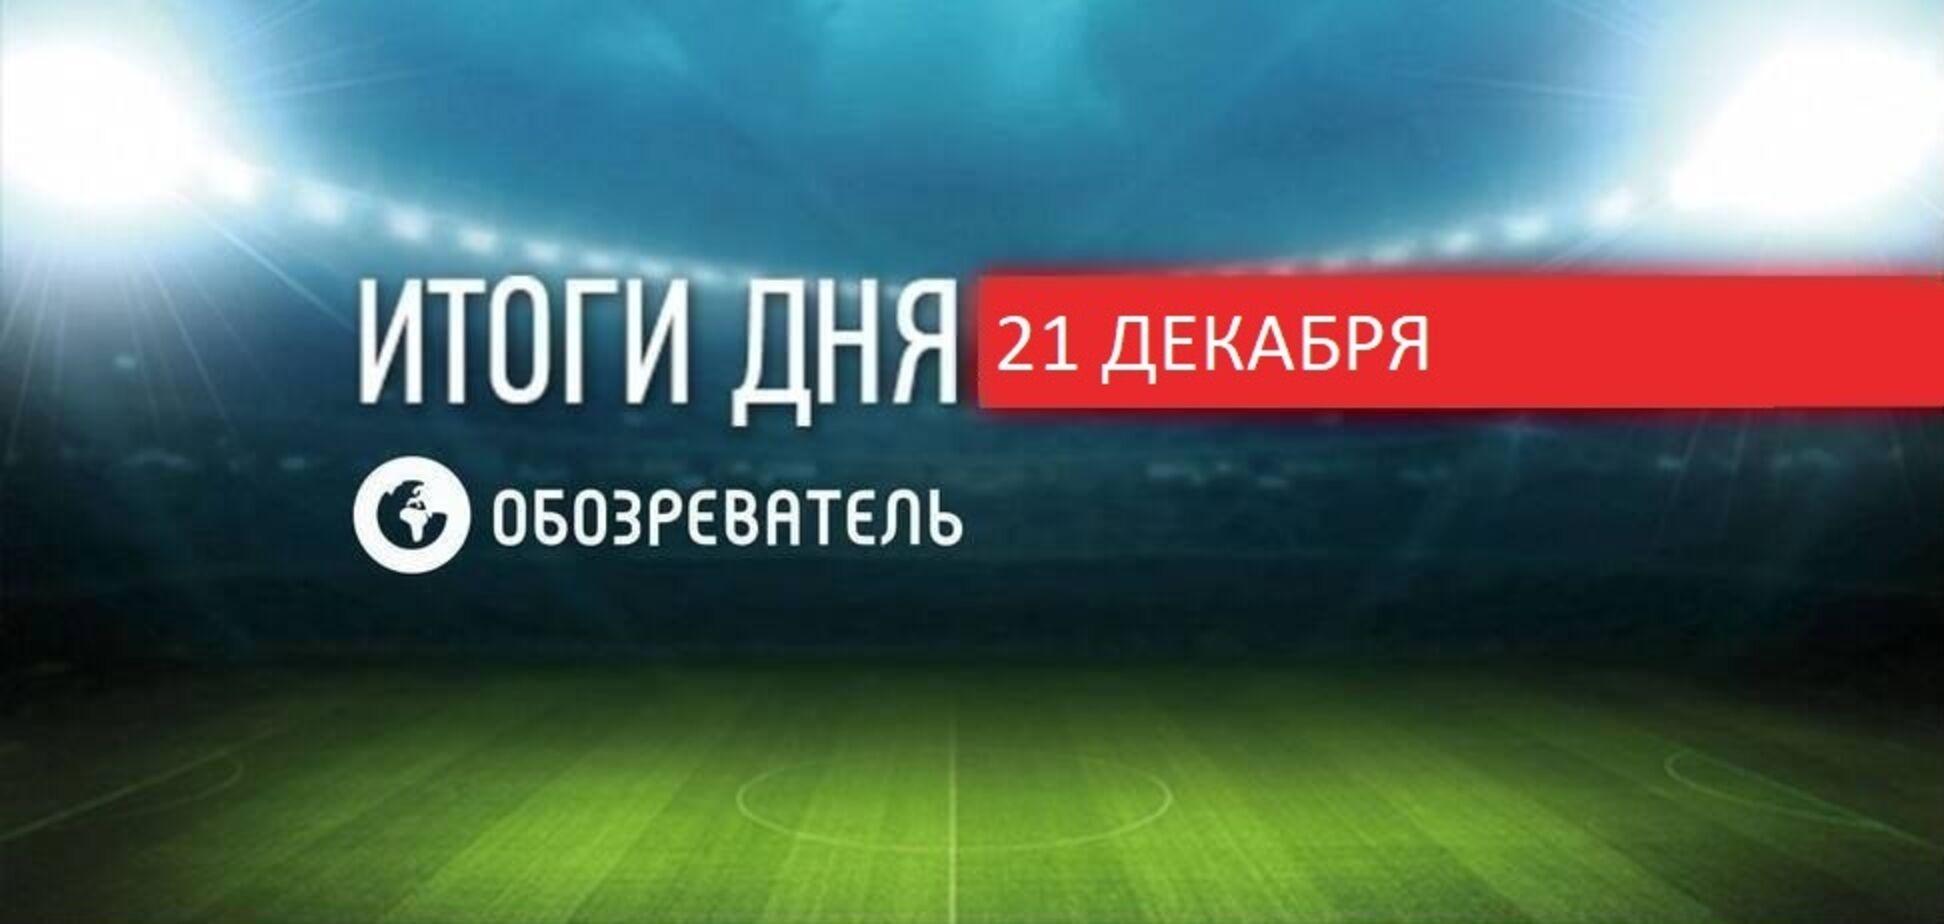 Капітан 'Динамо' розповів про наслідки коронавірусу: спортивні підсумки 21 грудня